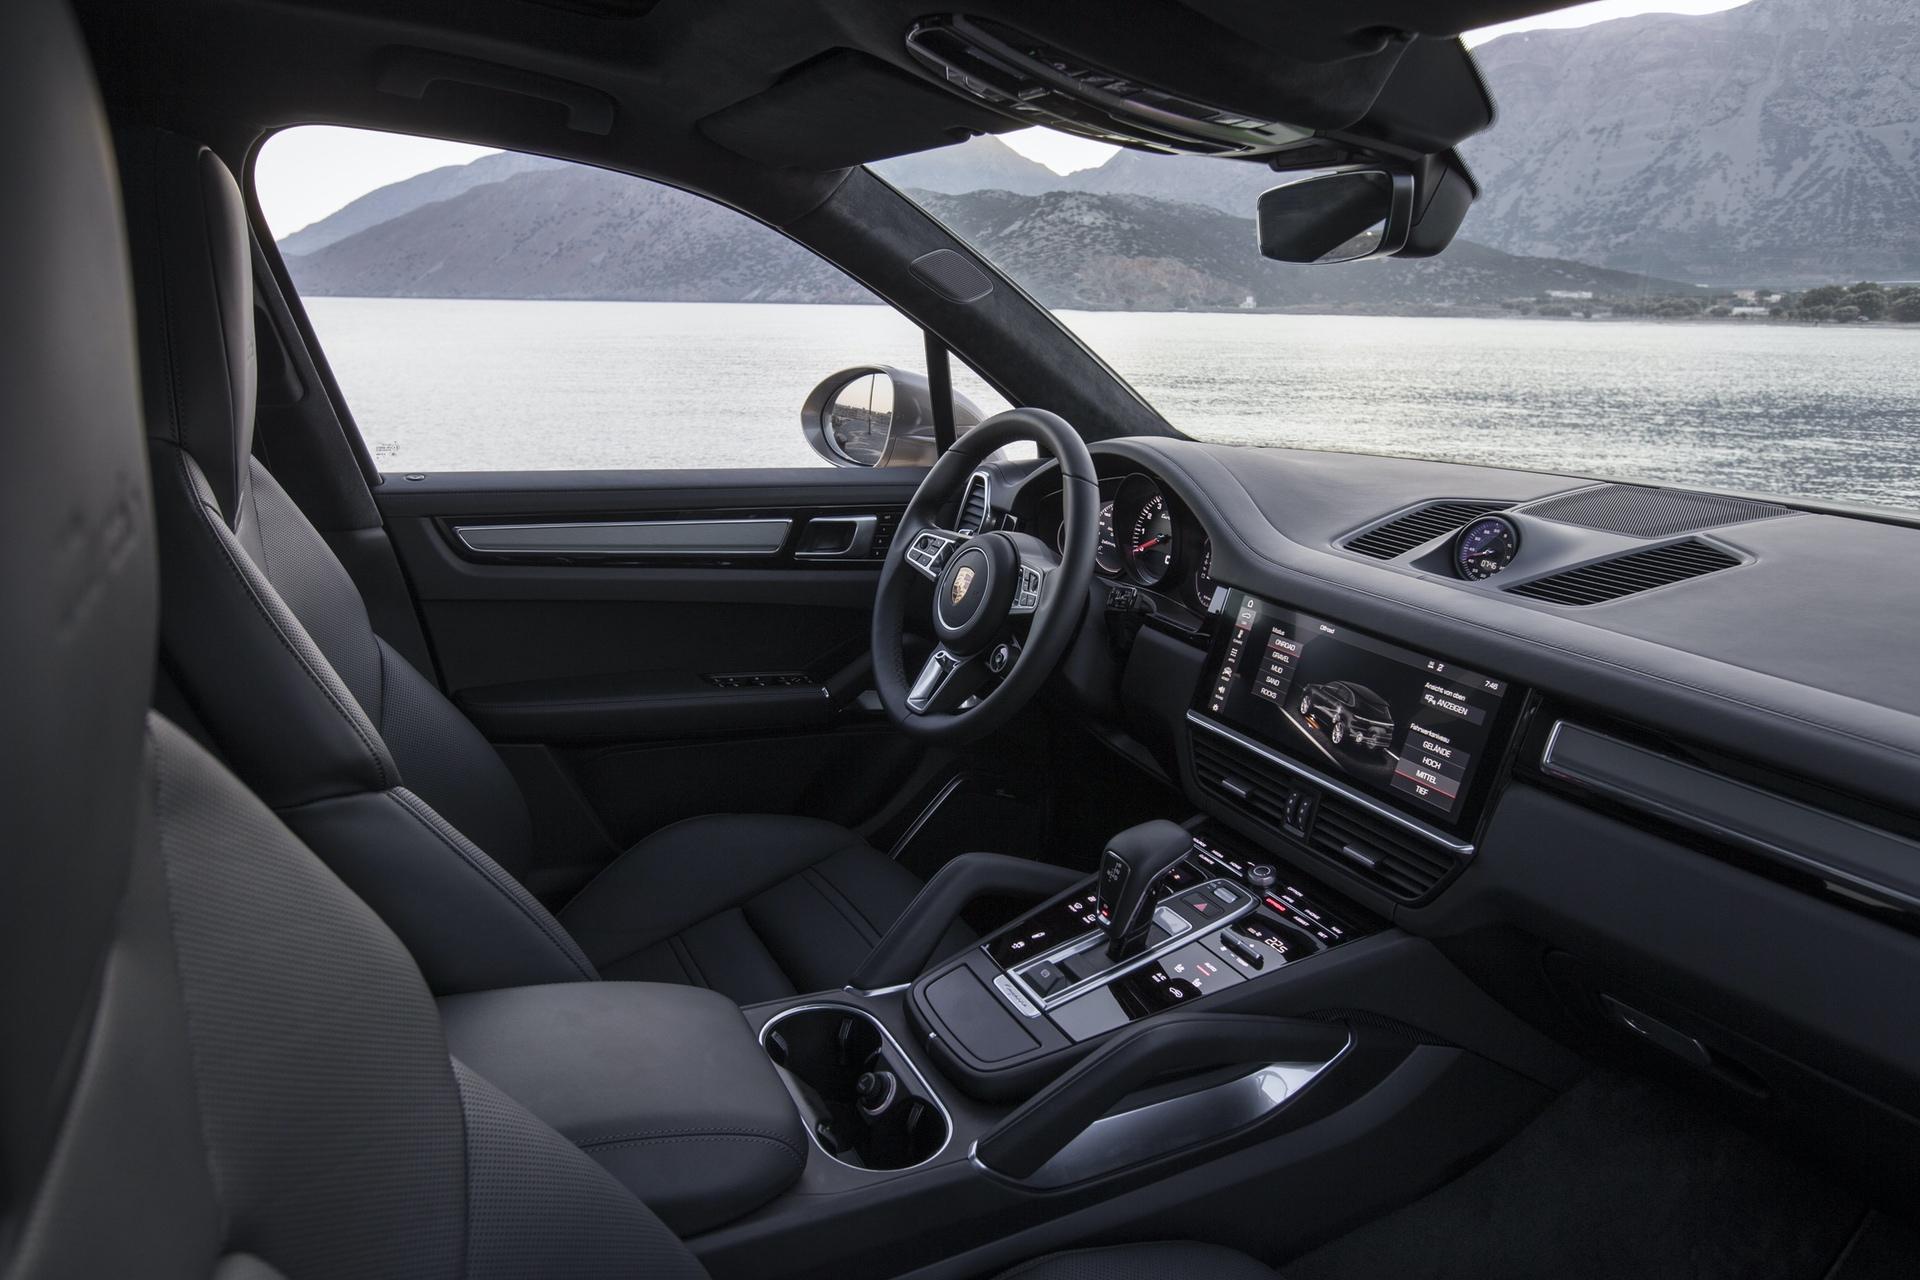 Test_Drive_Porsche_Cayenne_99